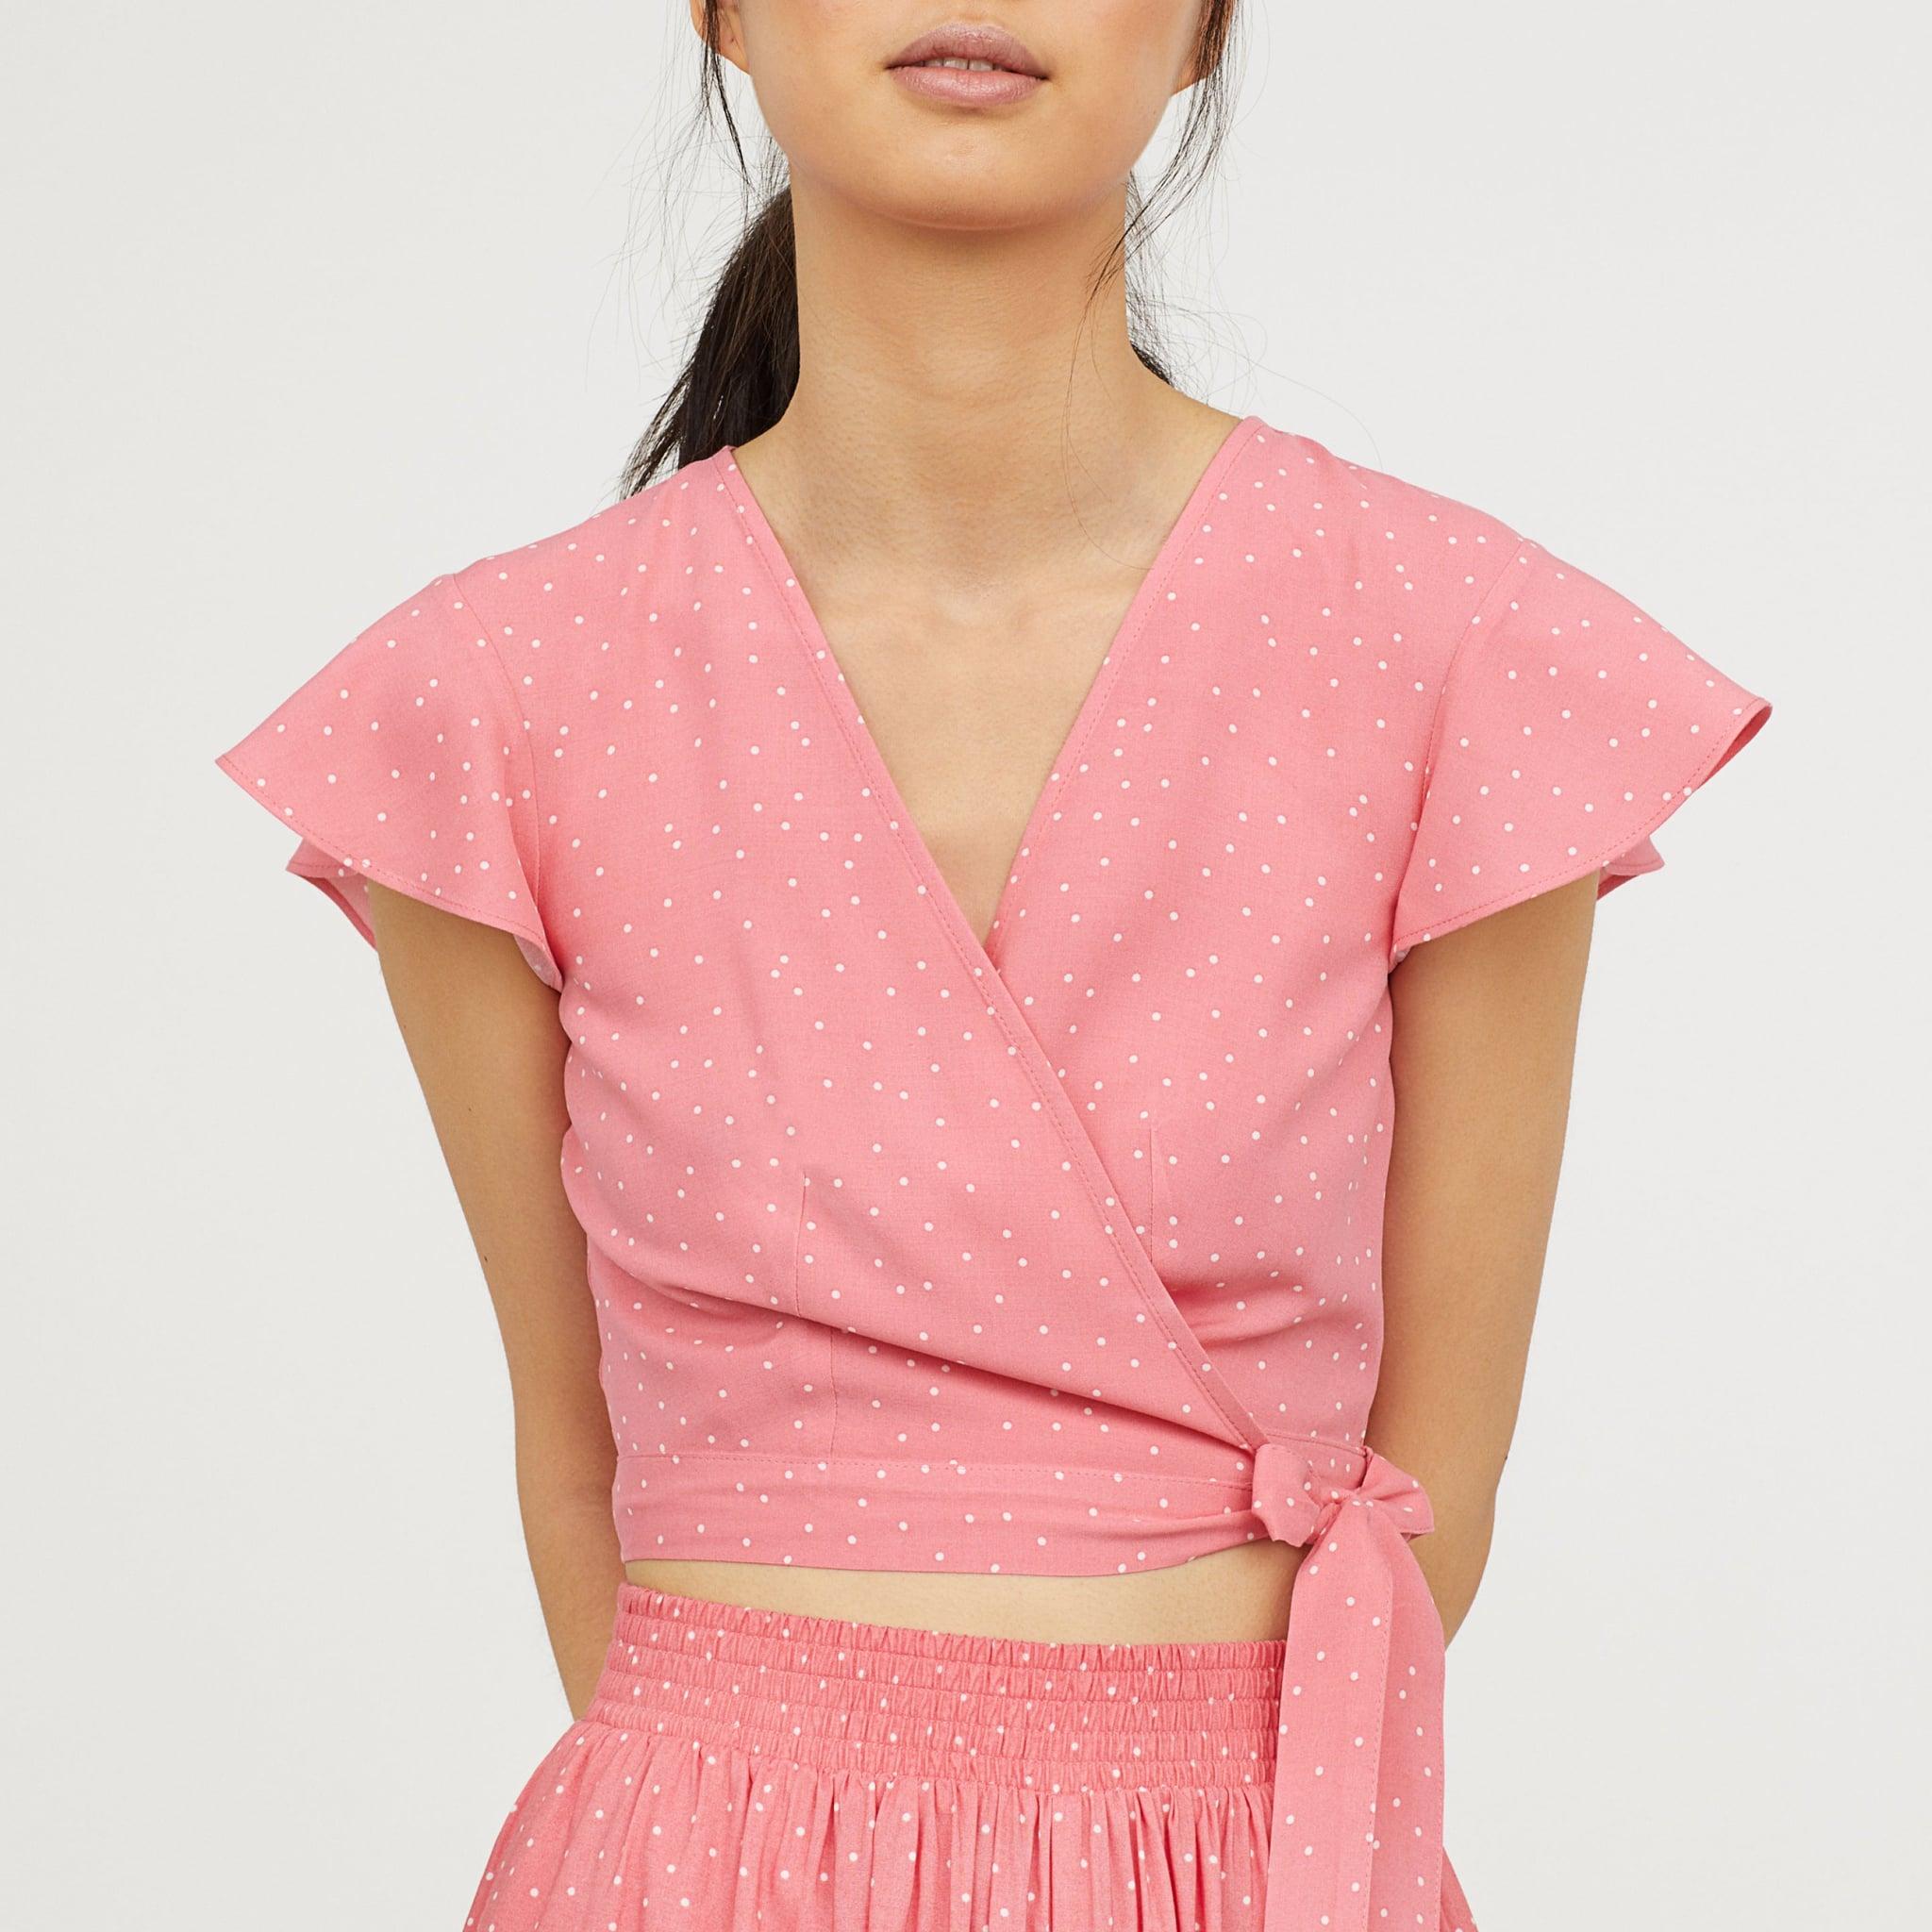 372a01c46a75 New H M Clothes Summer 2018